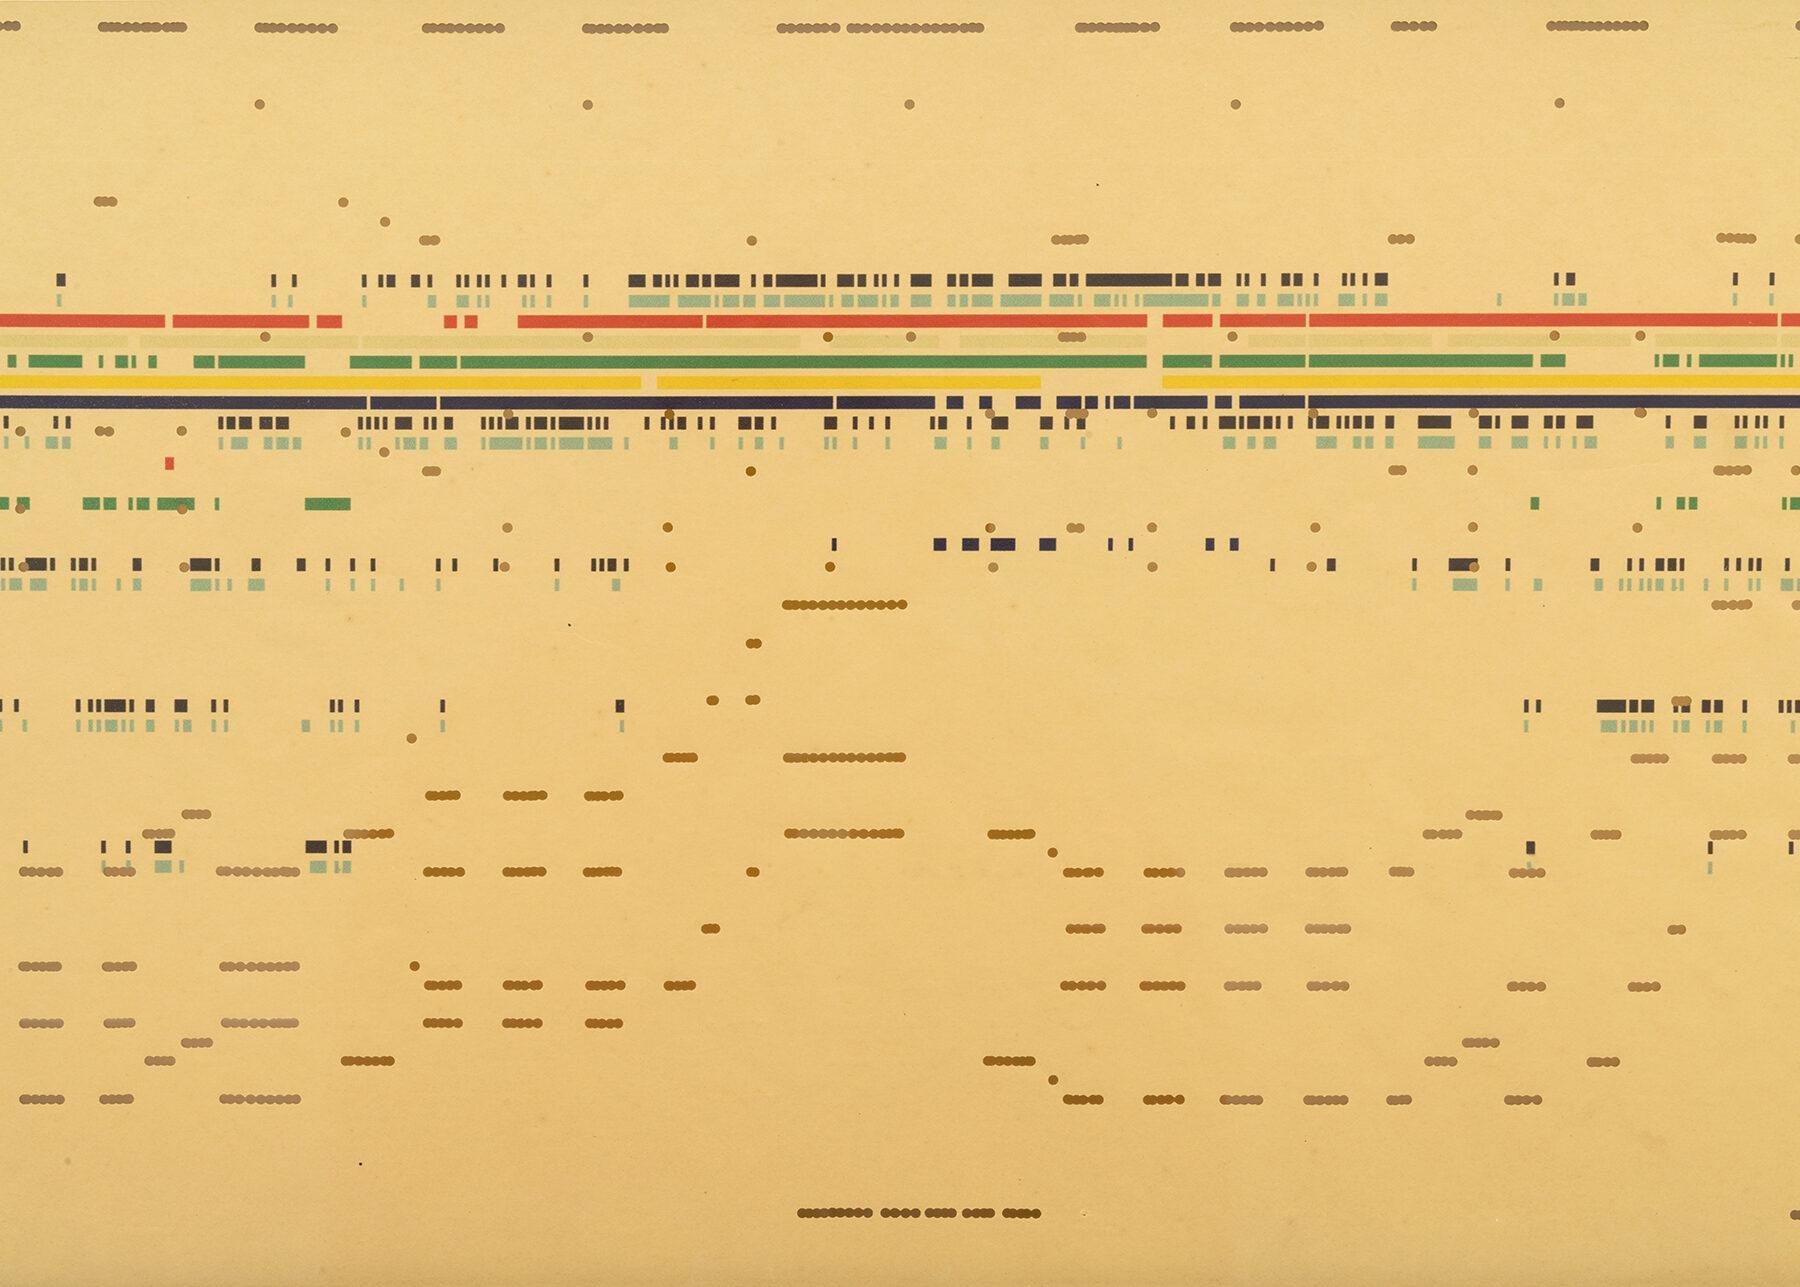 2. Silvia Hell, dettaglio. Stampa Digitale su Rullo per Autopiano di inizio 900.